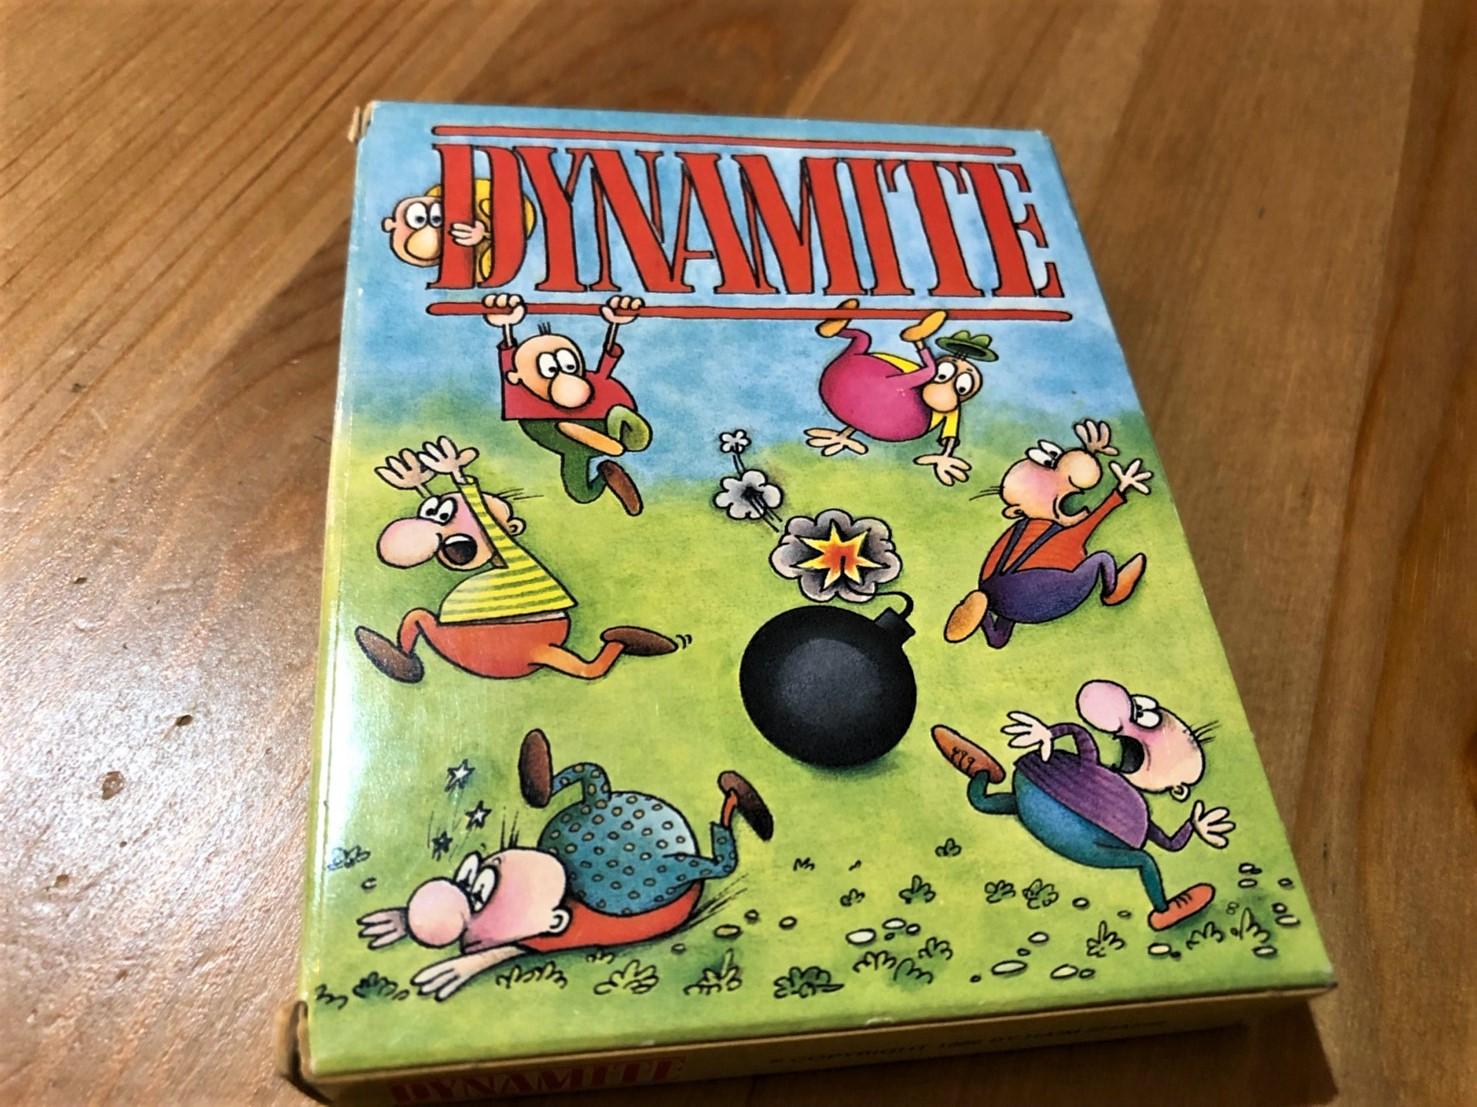 ダイナマイト(Dynamite)のボックスアート